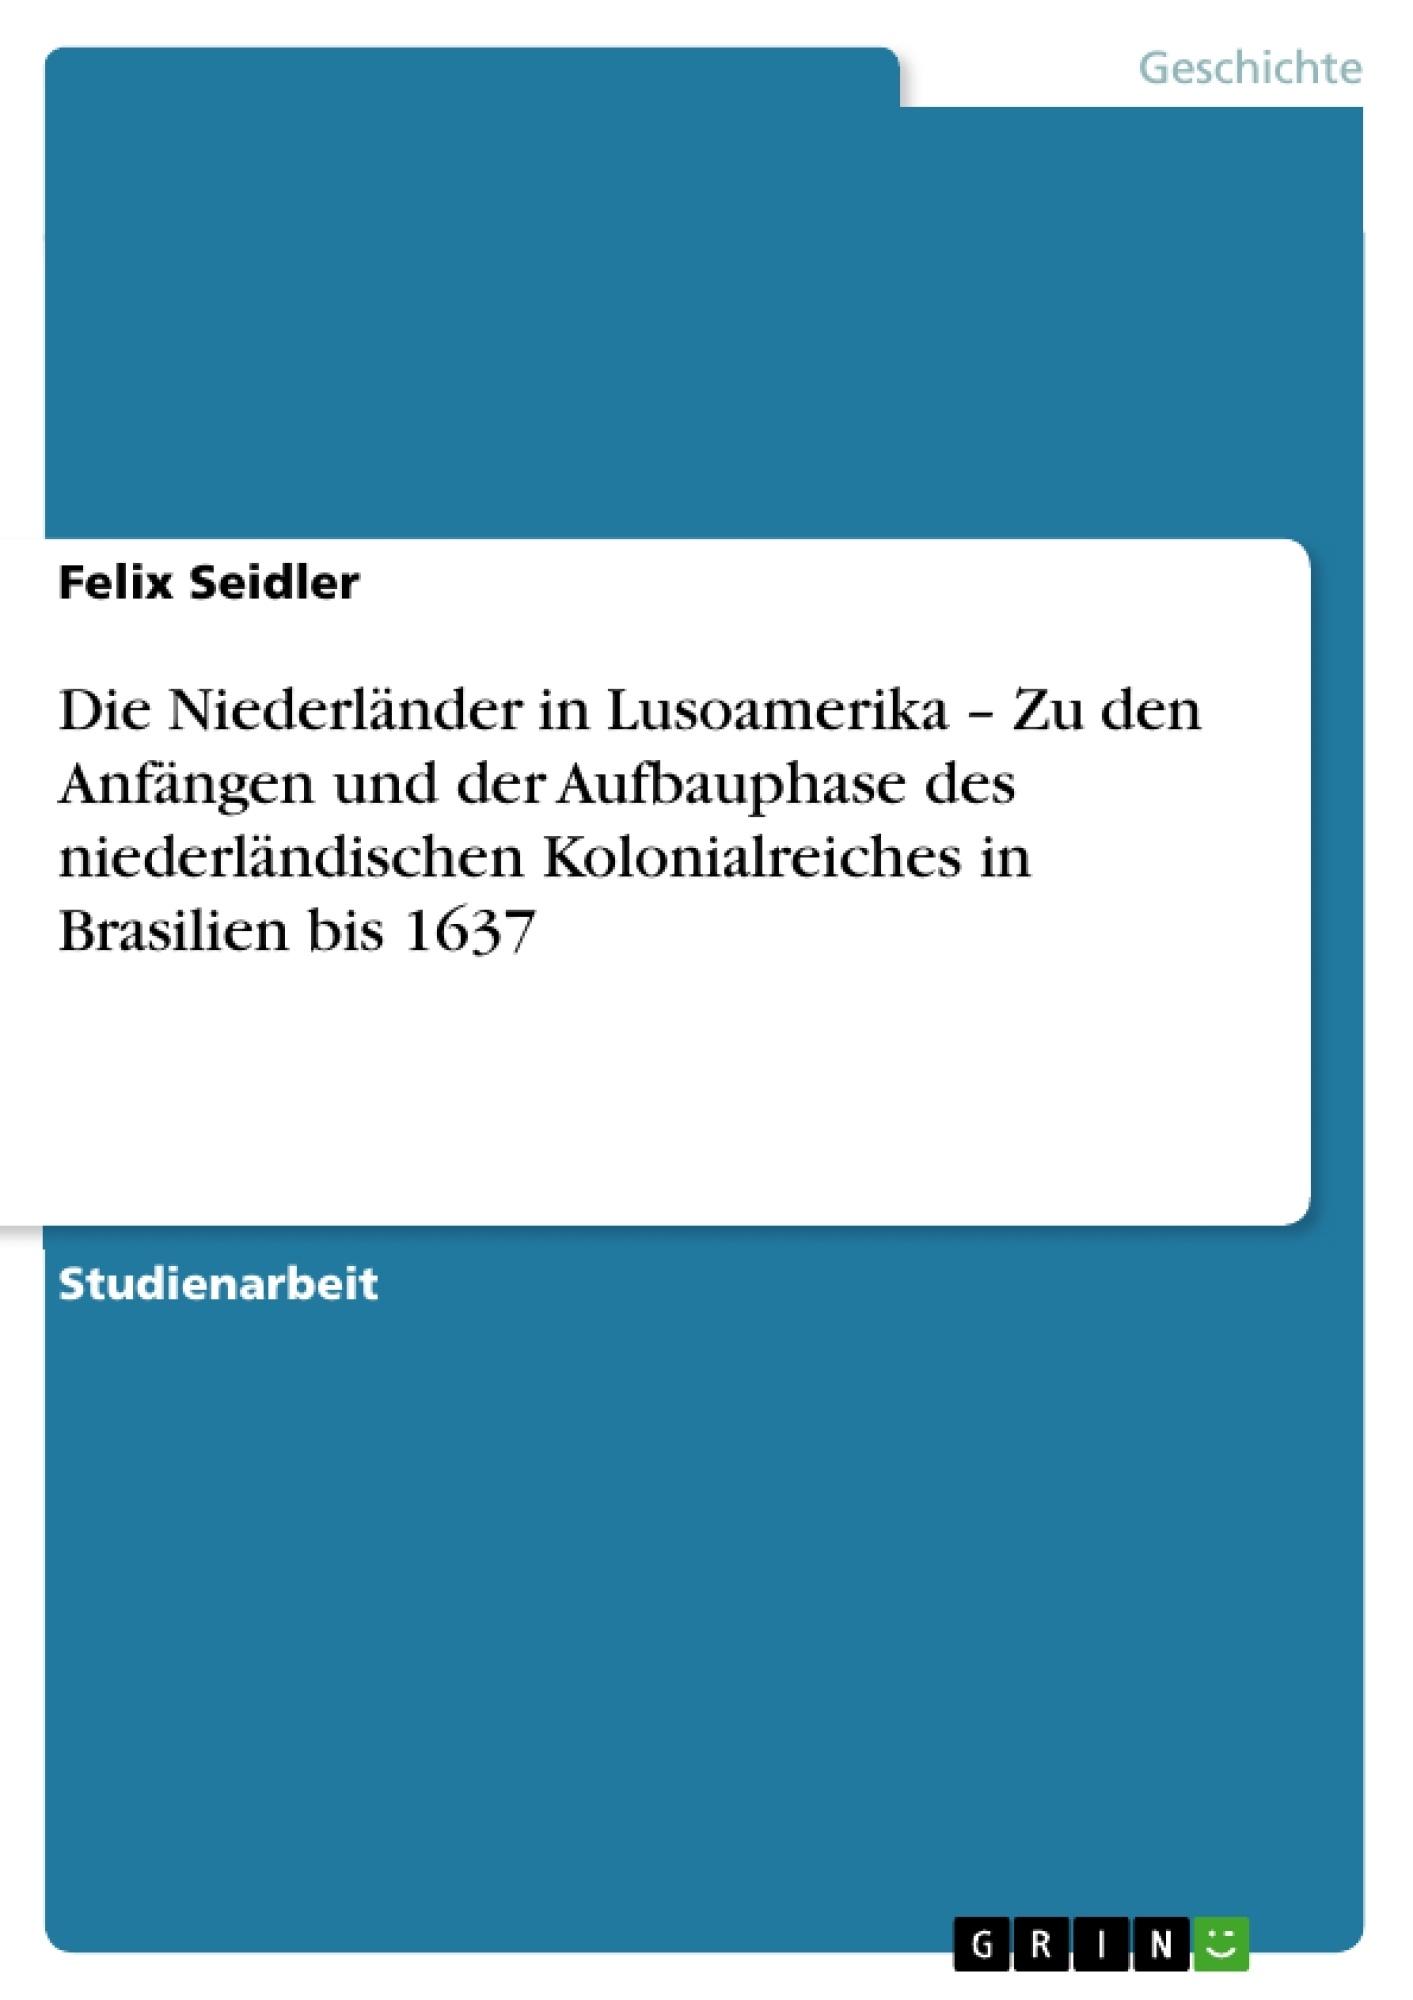 Titel: Die Niederländer in Lusoamerika – Zu den Anfängen und der Aufbauphase des niederländischen Kolonialreiches in Brasilien bis 1637